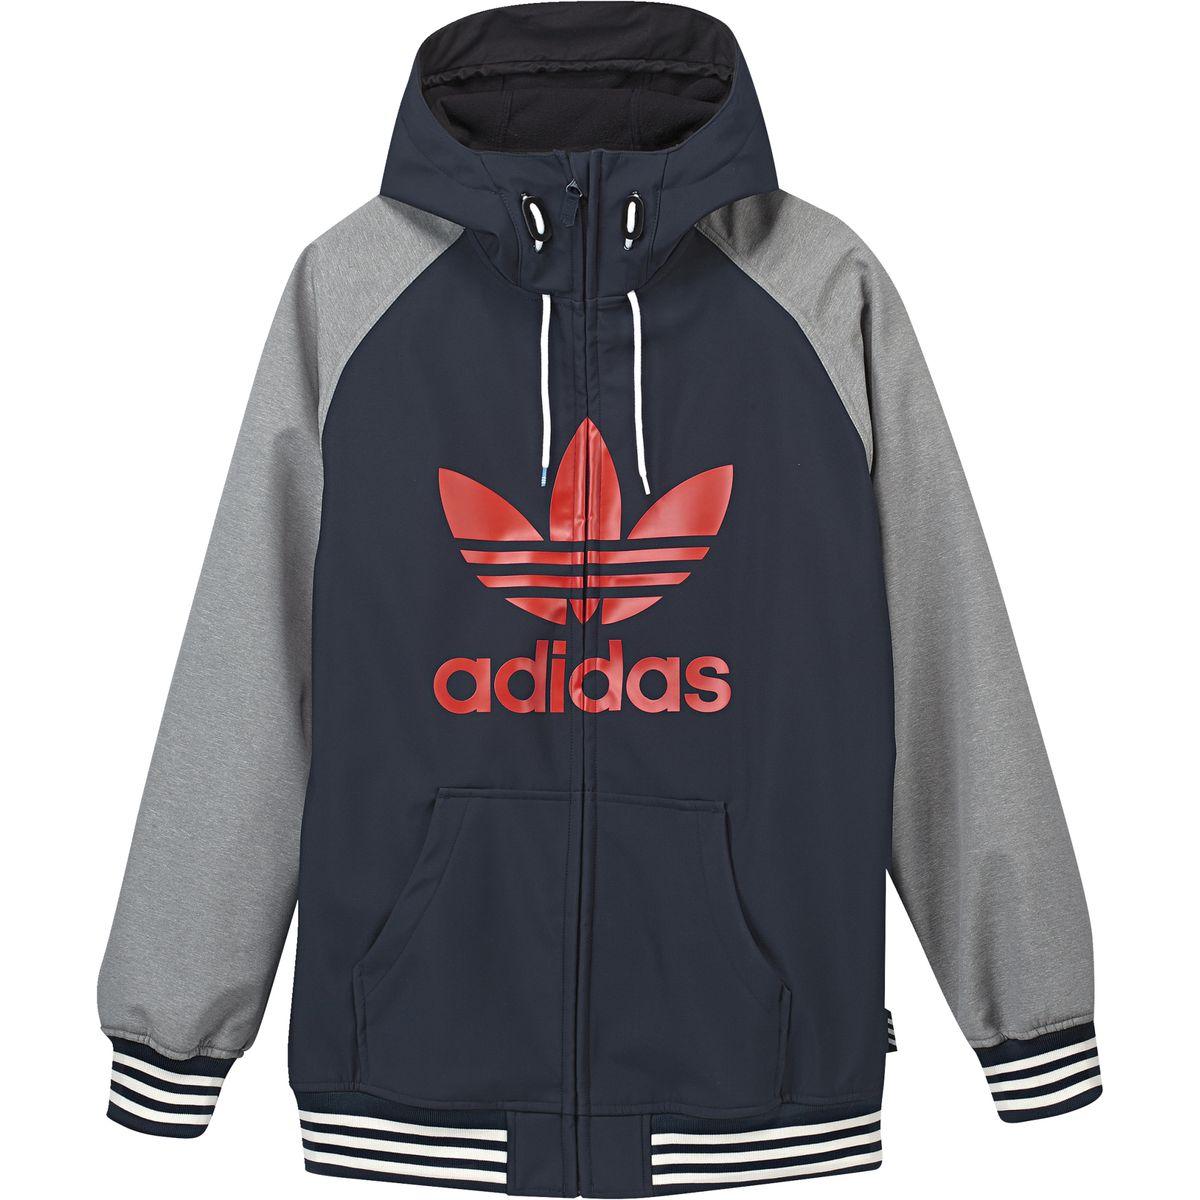 Adidas Greeley Ave Softshell